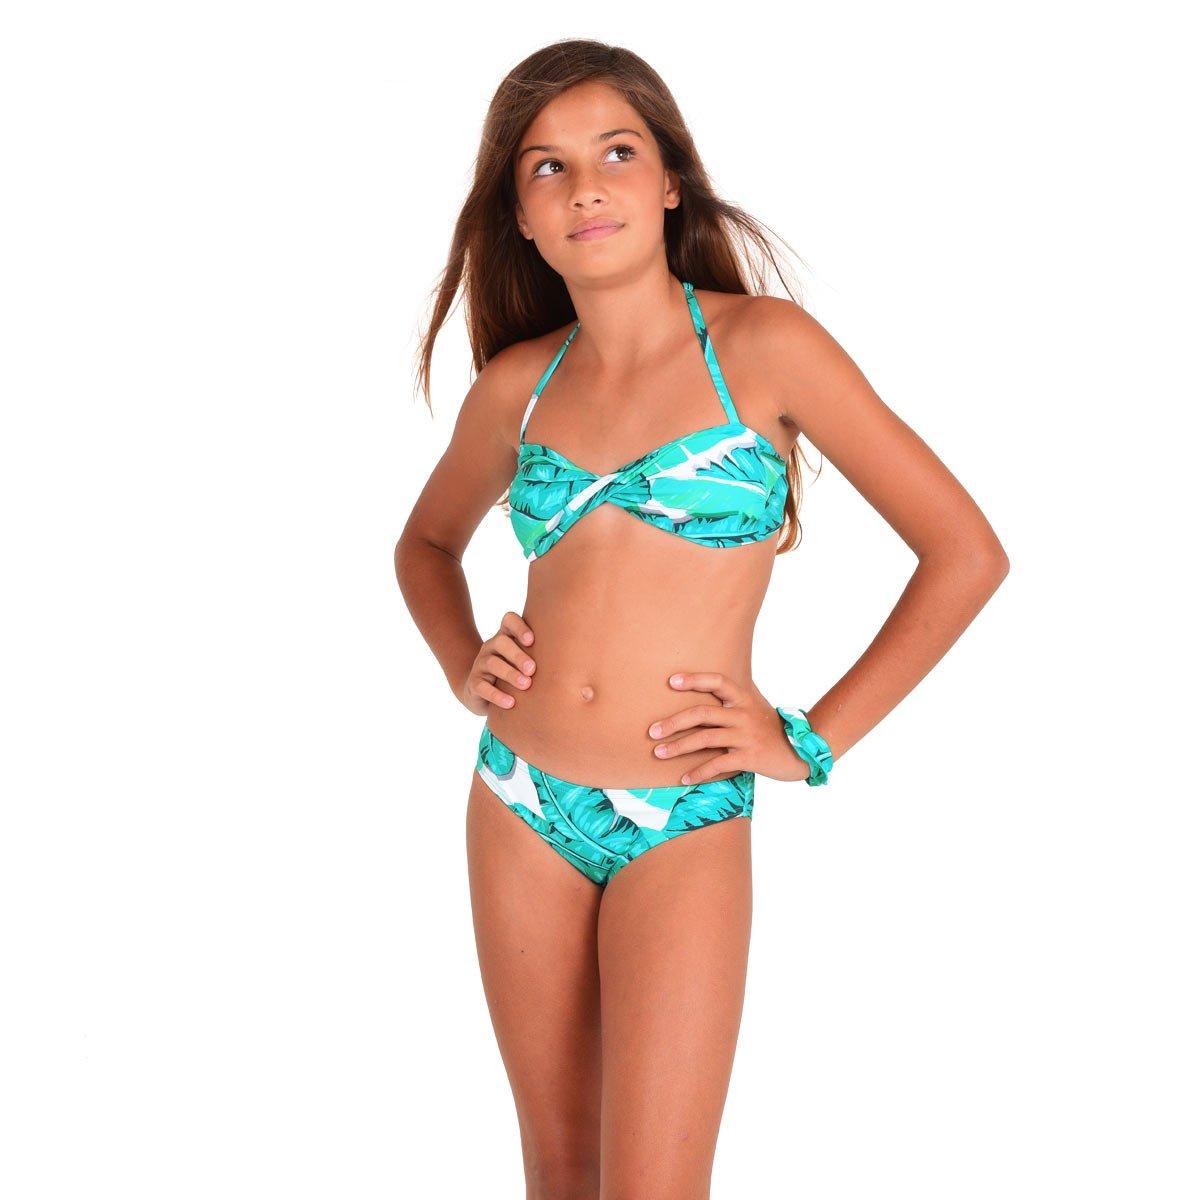 Vert Bain De 2 Vêtements Maillot Palmier Pièces Motif Enfants Sport zqSUMpVjGL